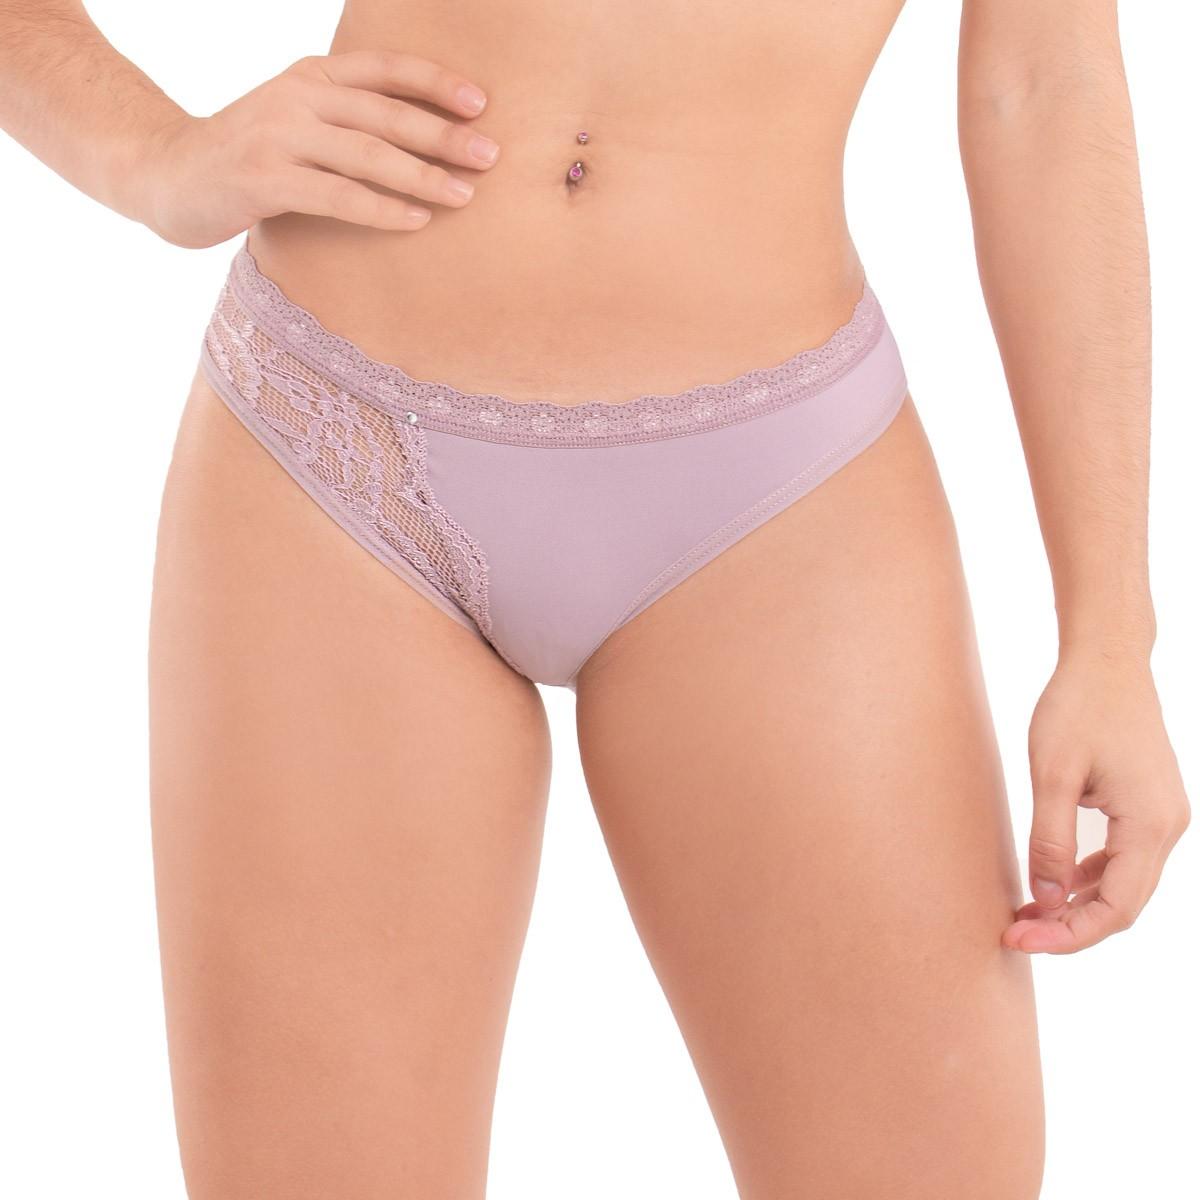 KIT com 3 calcinhas modelo tanga rendada em microfibra Diva Donna